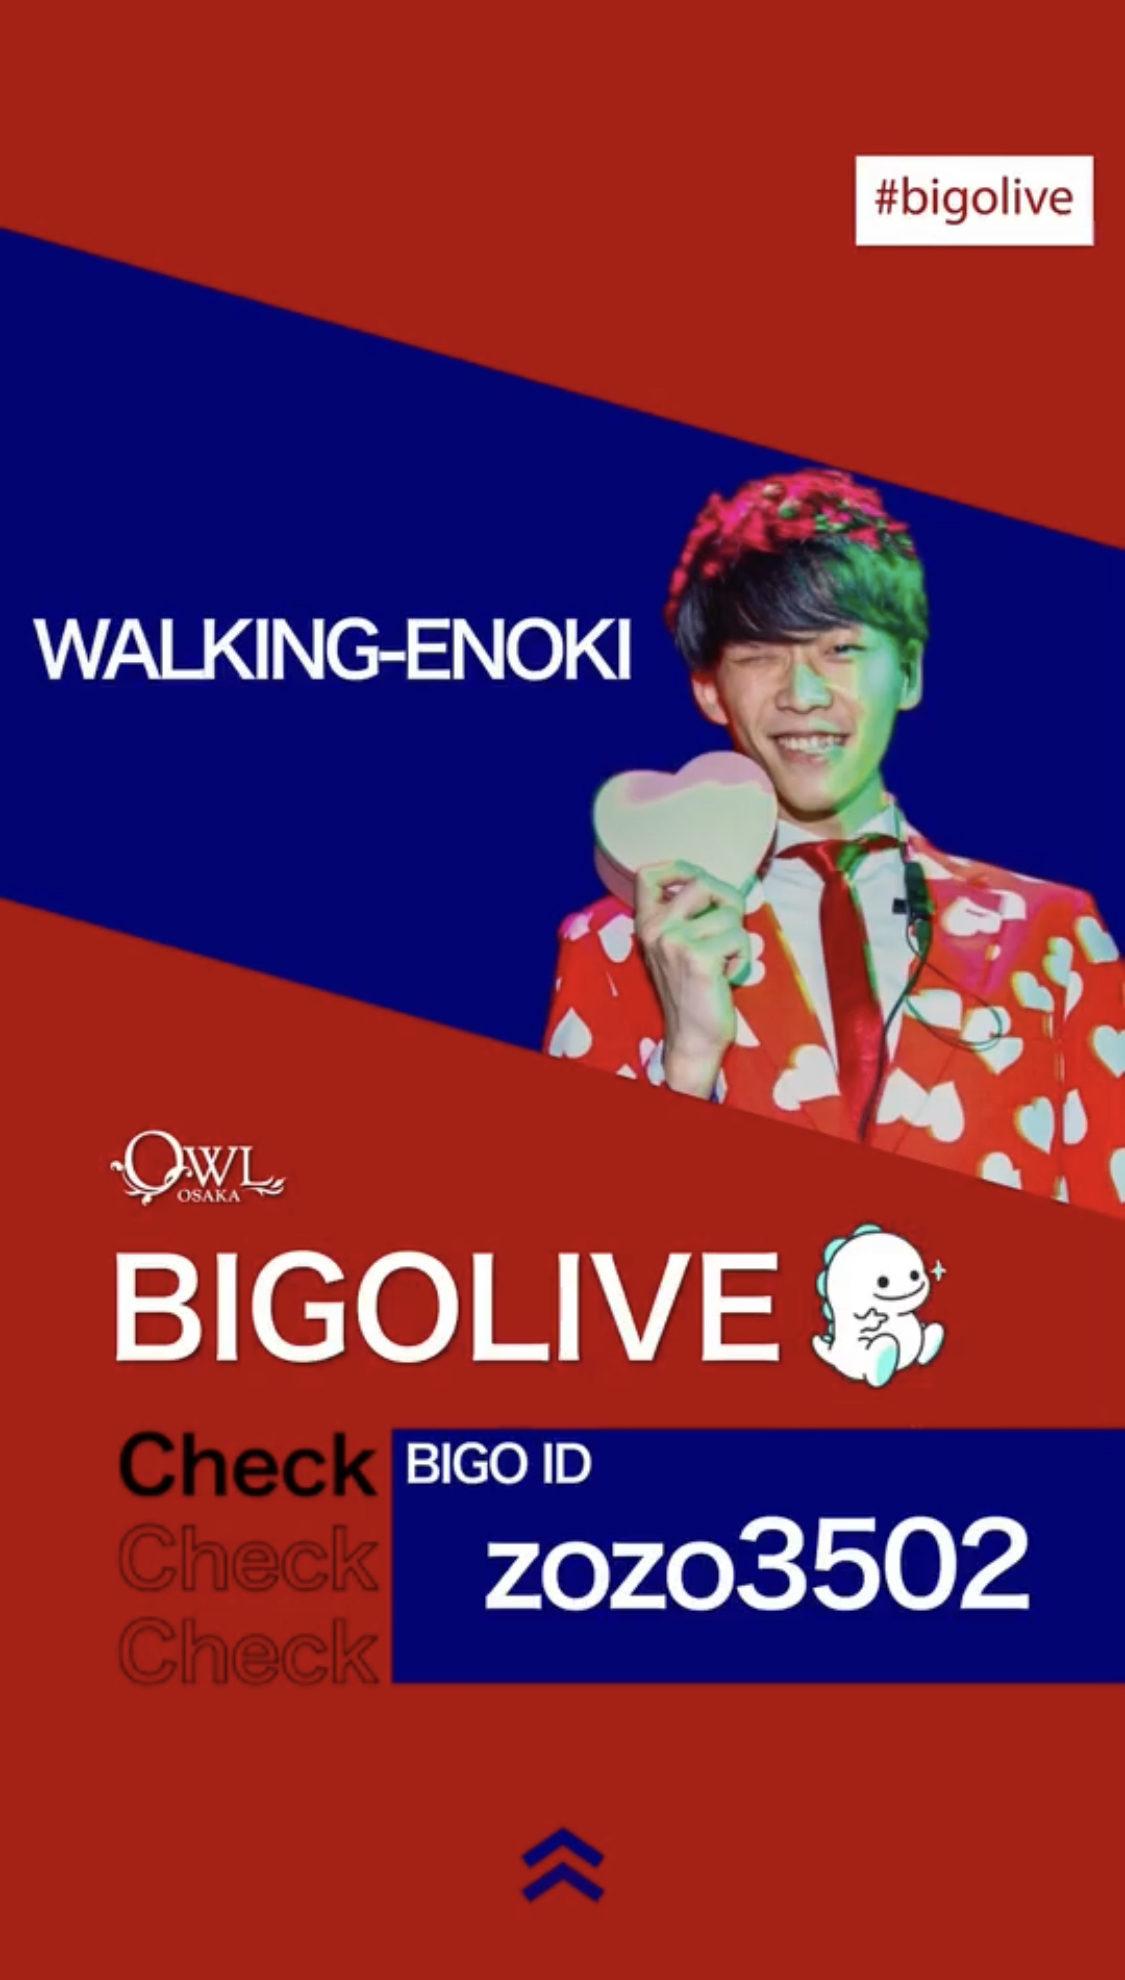 WALKING-ENOKI